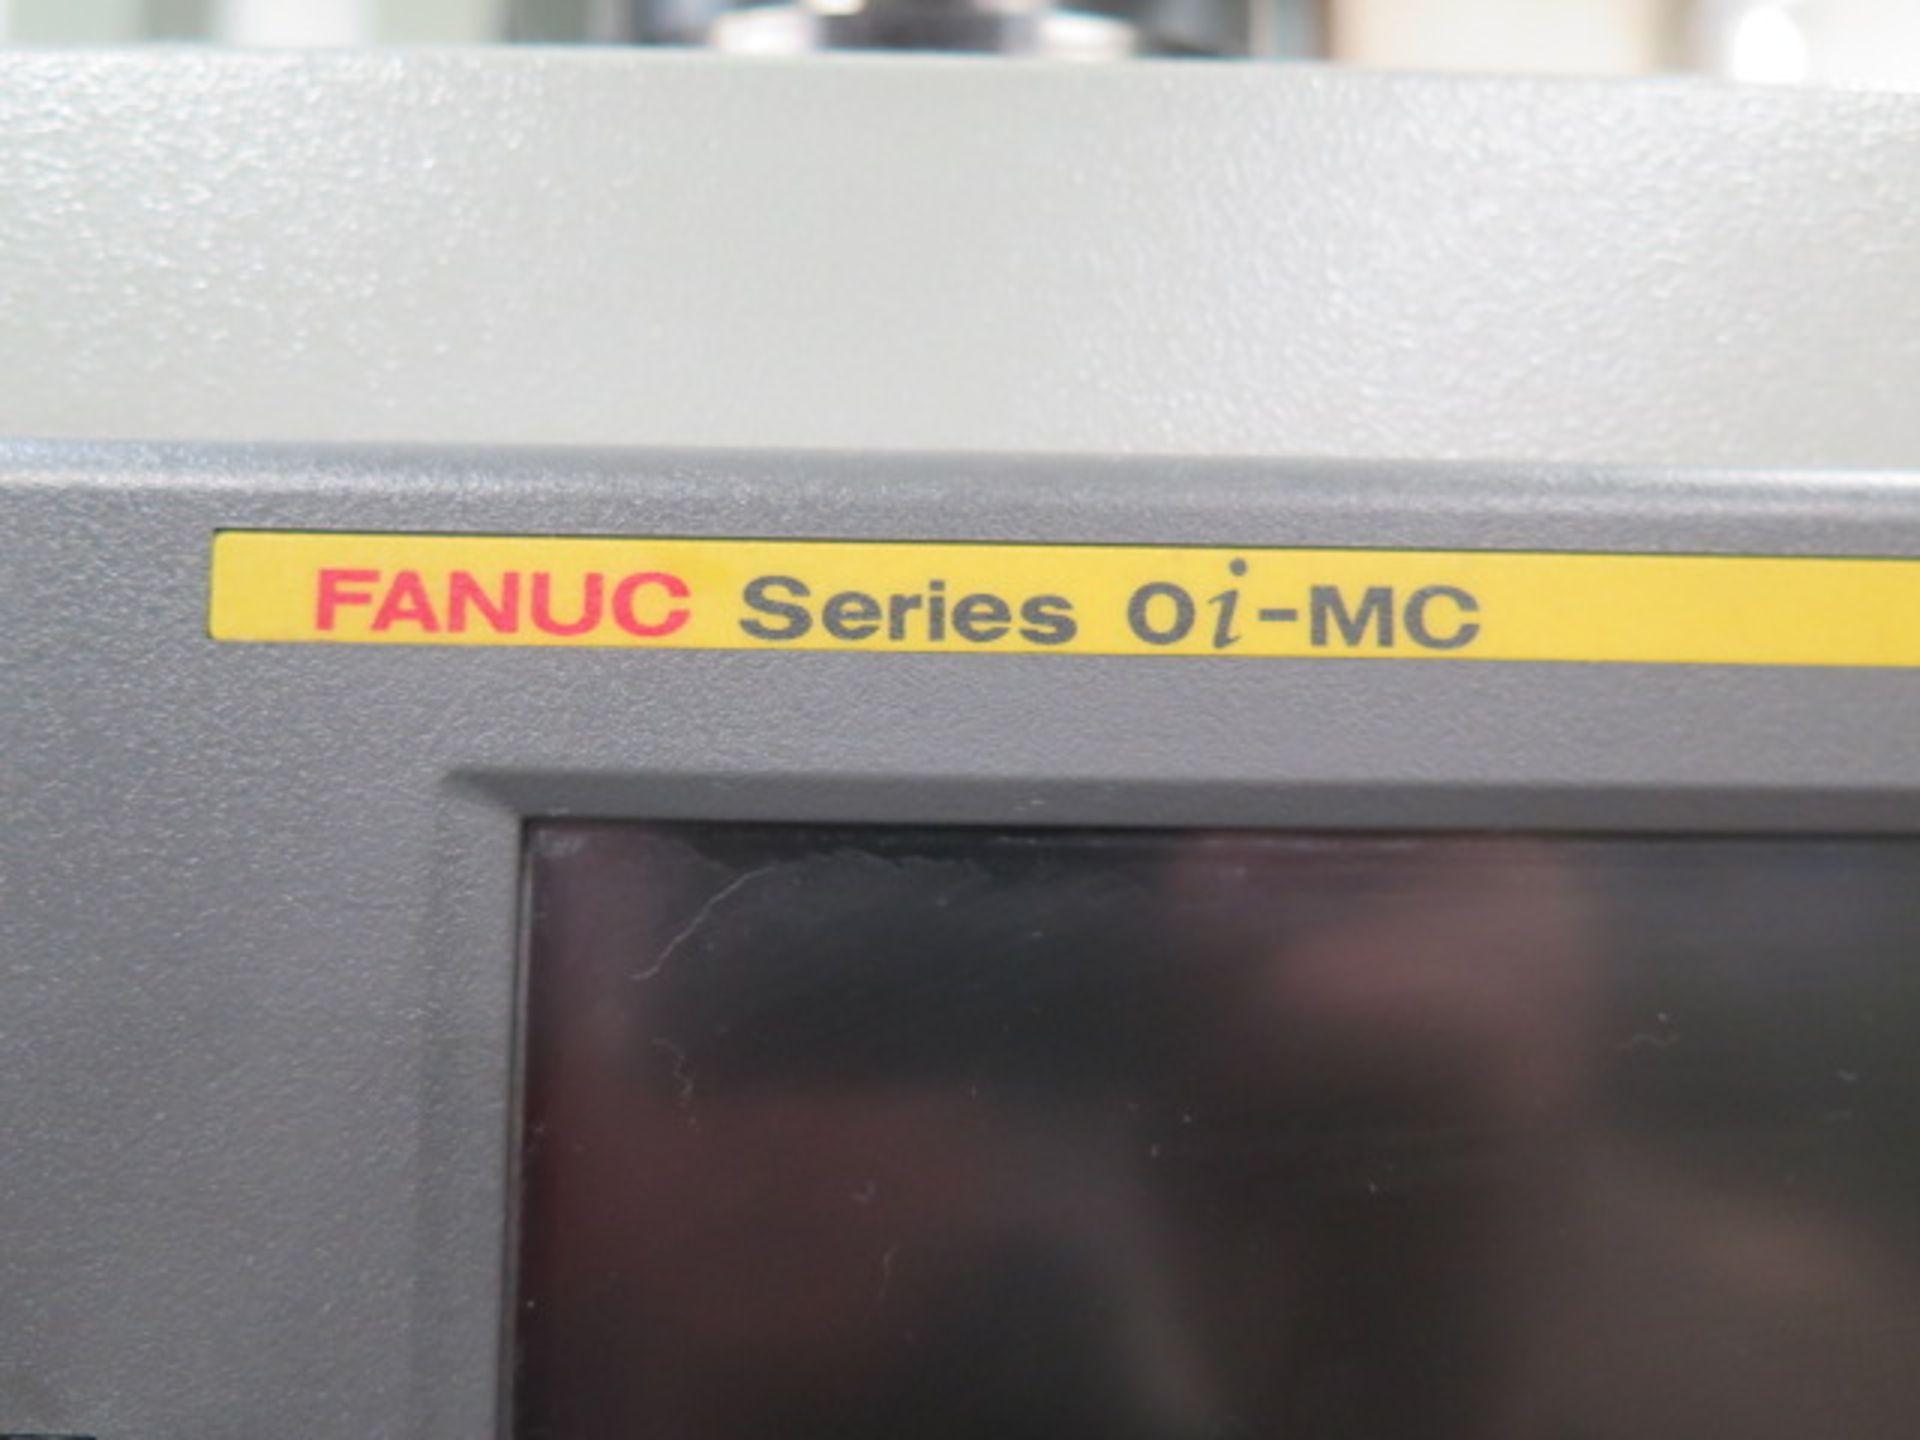 2004 Hyundai WIA VX500 4-Axis CNC VMC s/n VX5000882 w/ Hyundai WIA Fanuc i- Series, SOLD AS IS - Image 8 of 23